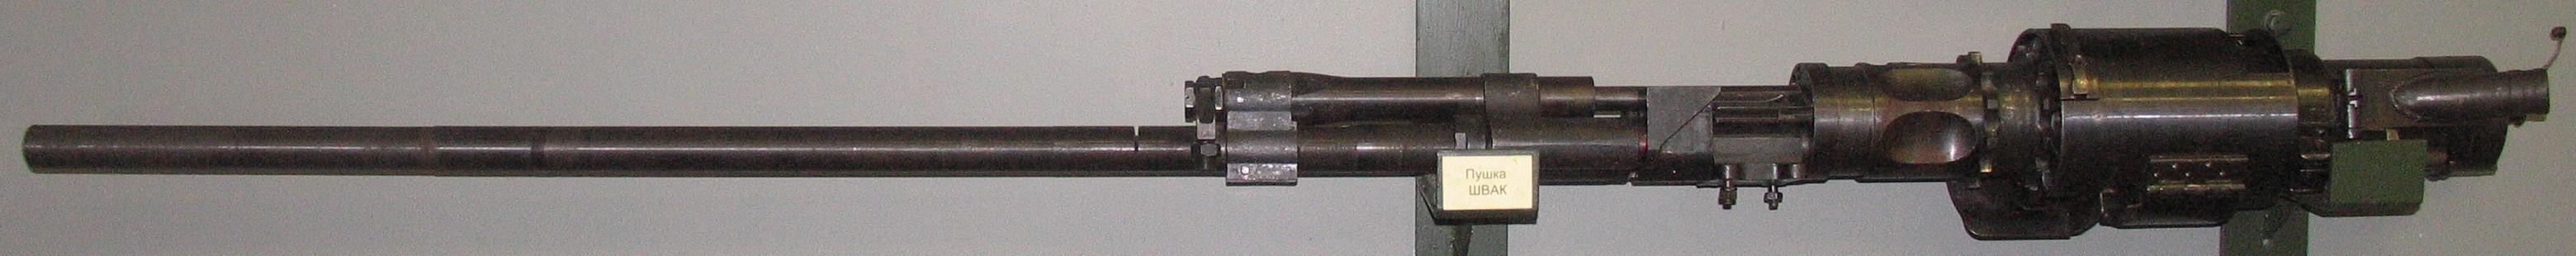 Авиационная пушка  ШВАК